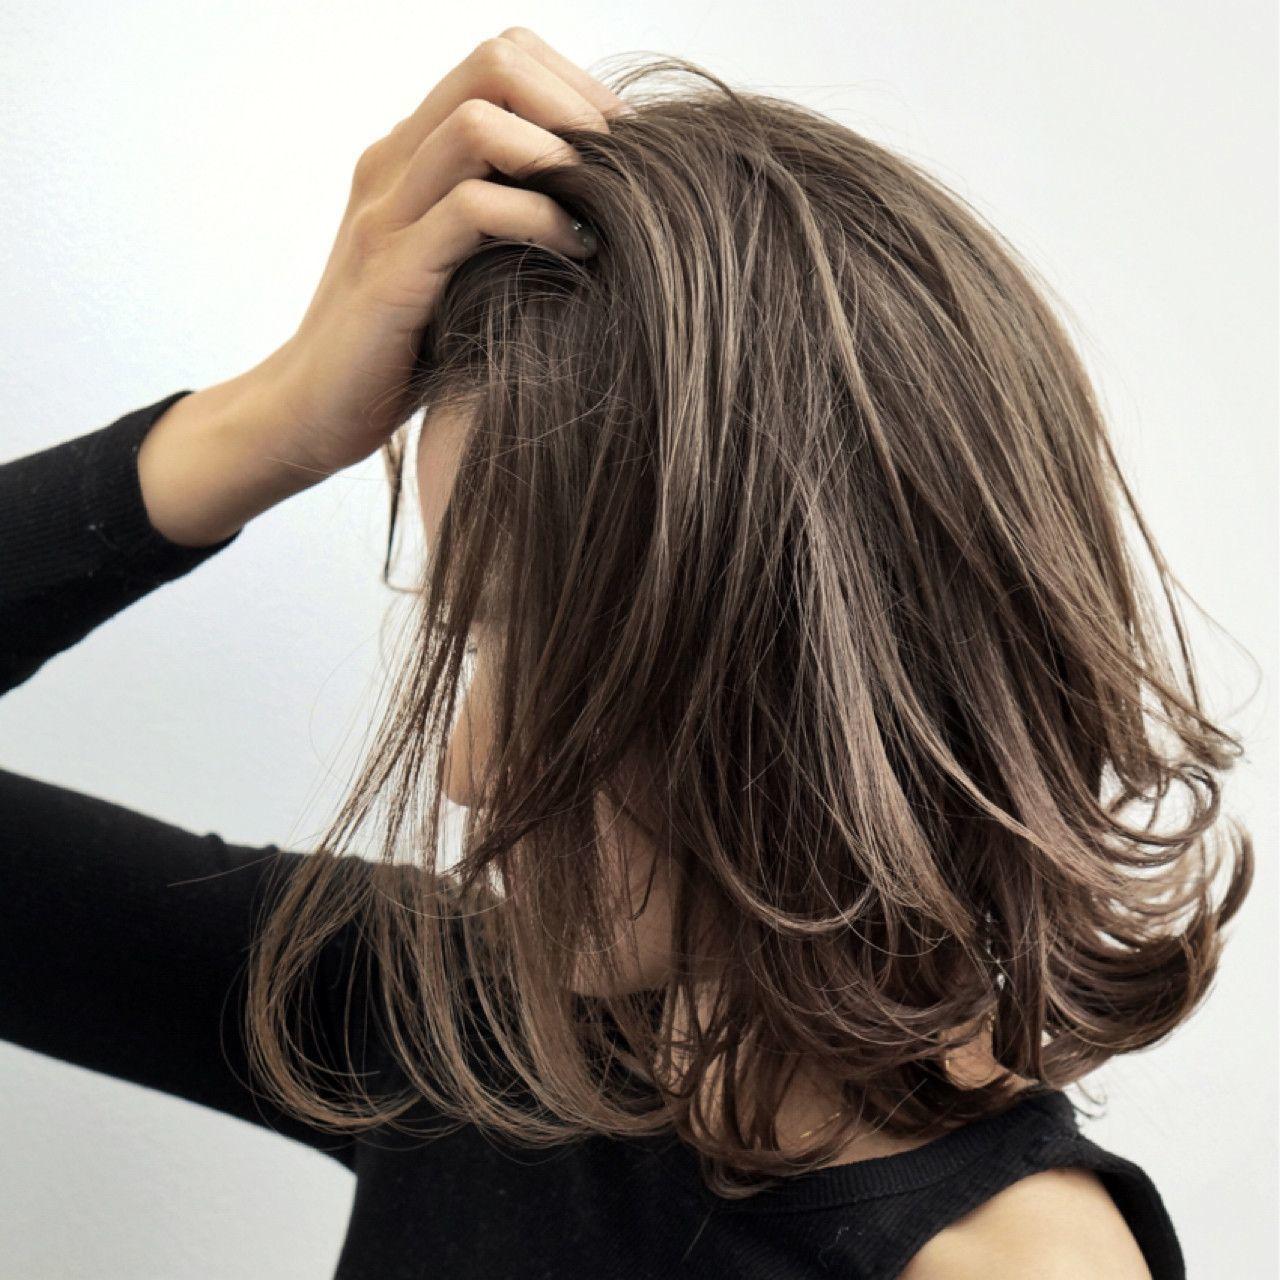 ワンランク上の髪型へシフト♡30代の女性に人気の髪型カタログ♪の11枚目の画像